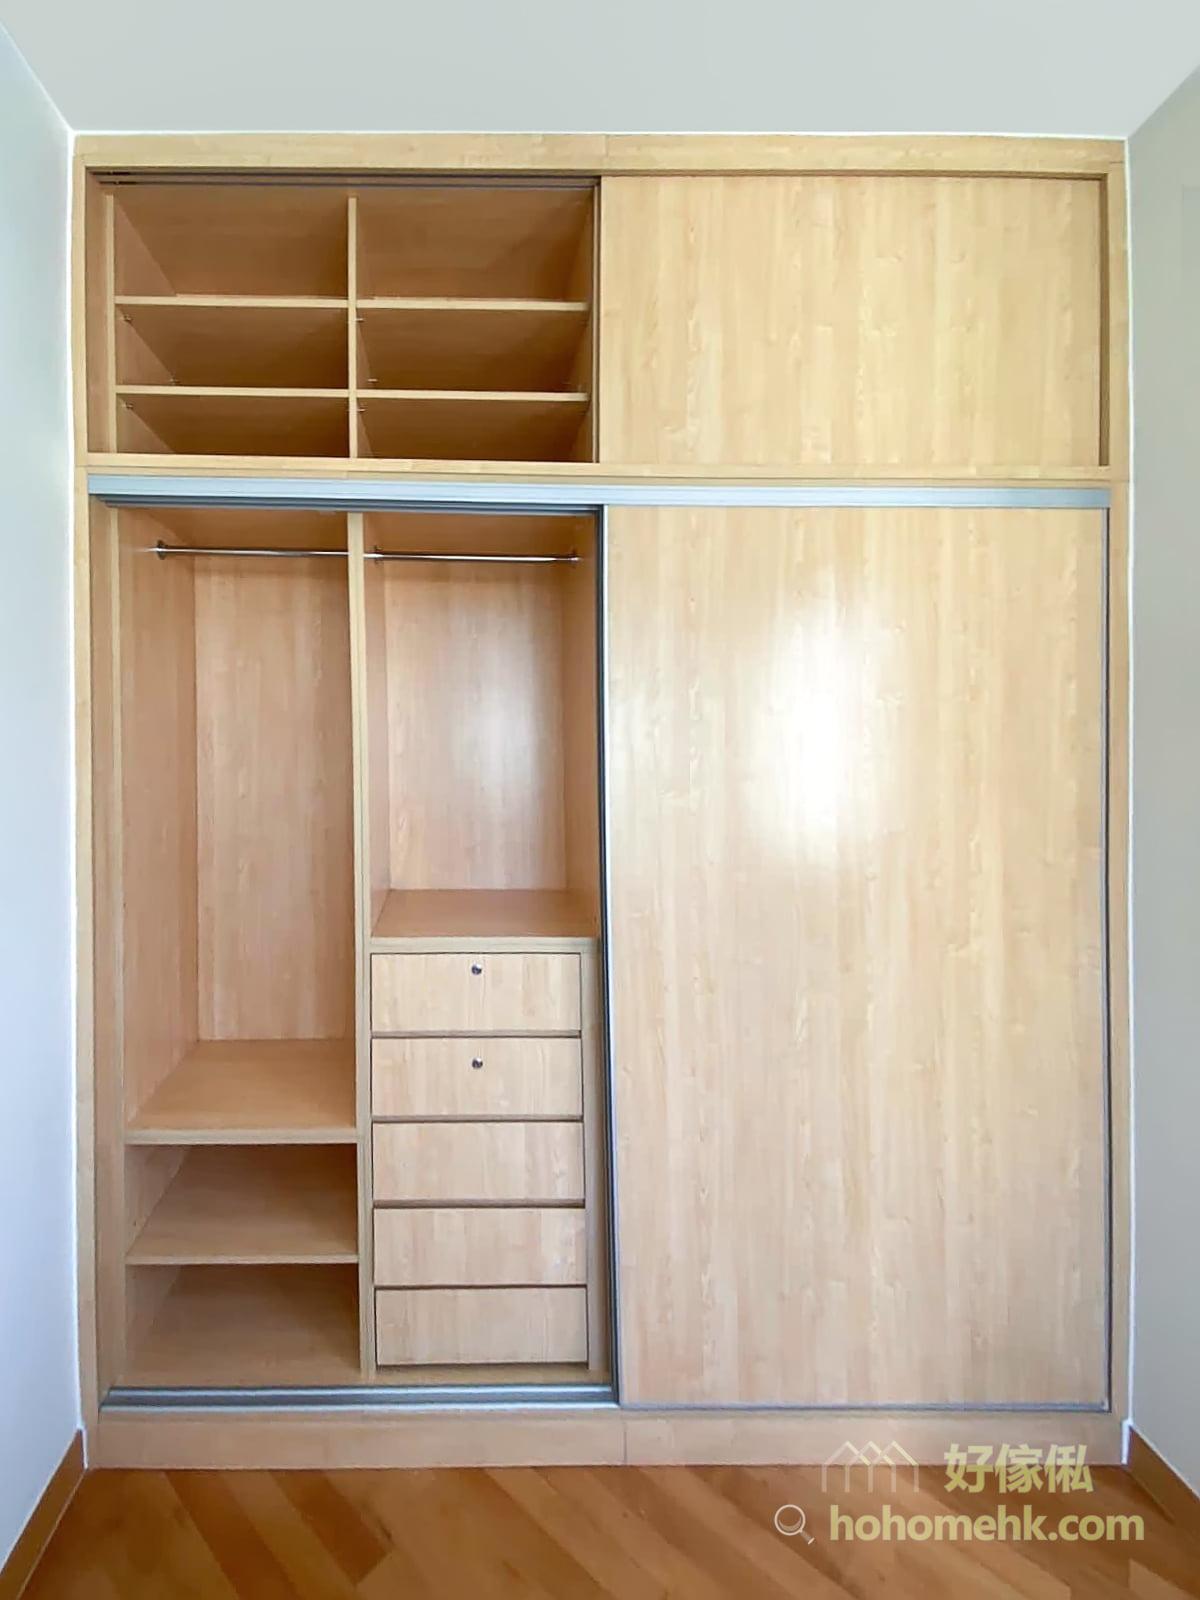 一個實用的衣櫃,最重要的是間隔符合用家的需要。